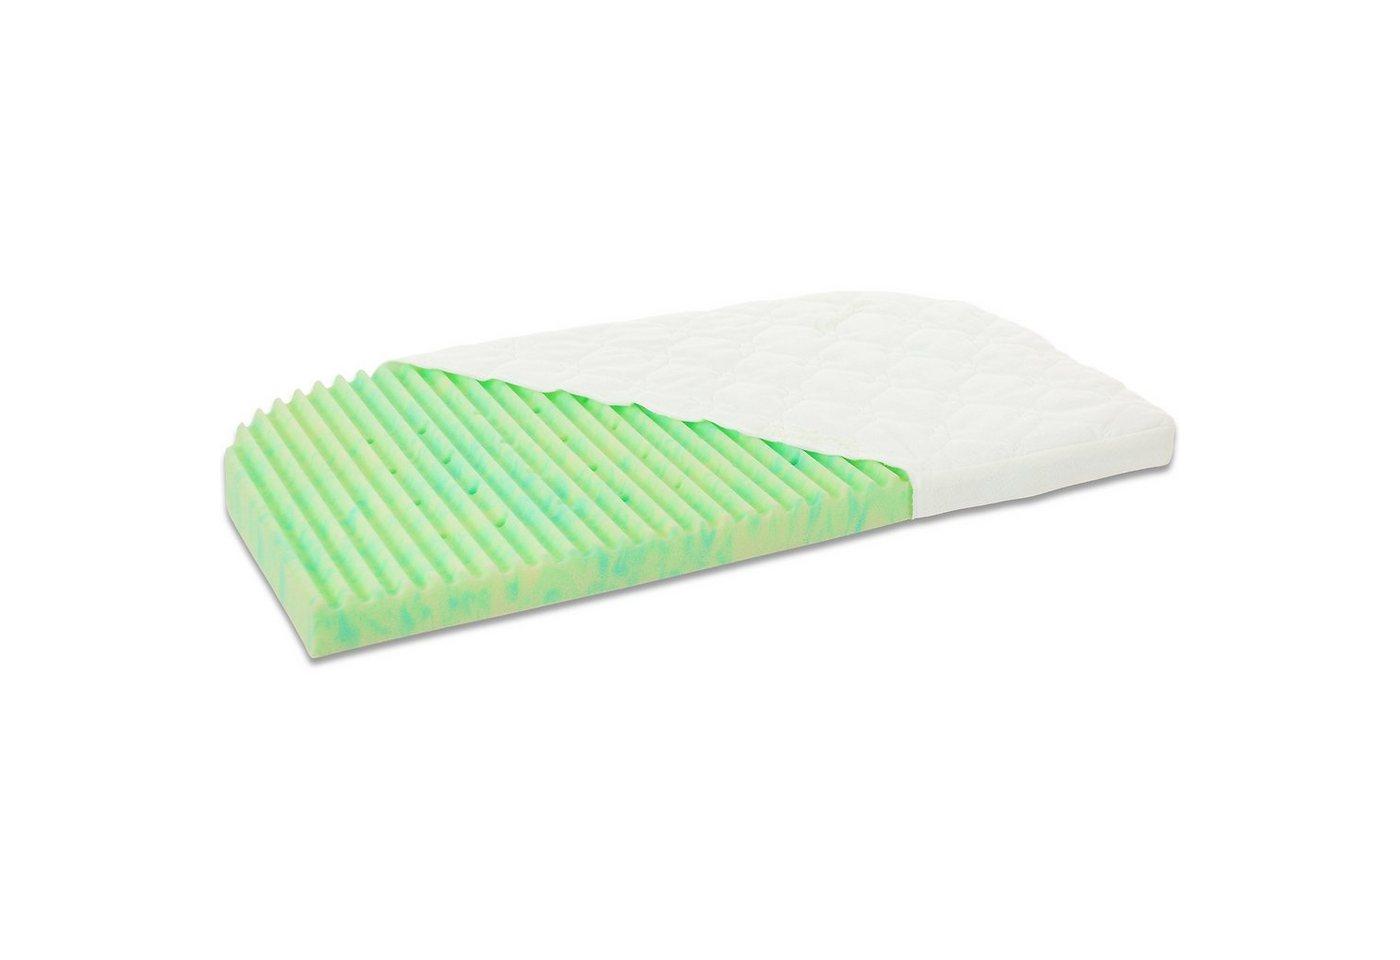 Babymatratzen - Tobi Matratze Ultrafresh Wave für babybay Original, grün  - Onlineshop OTTO